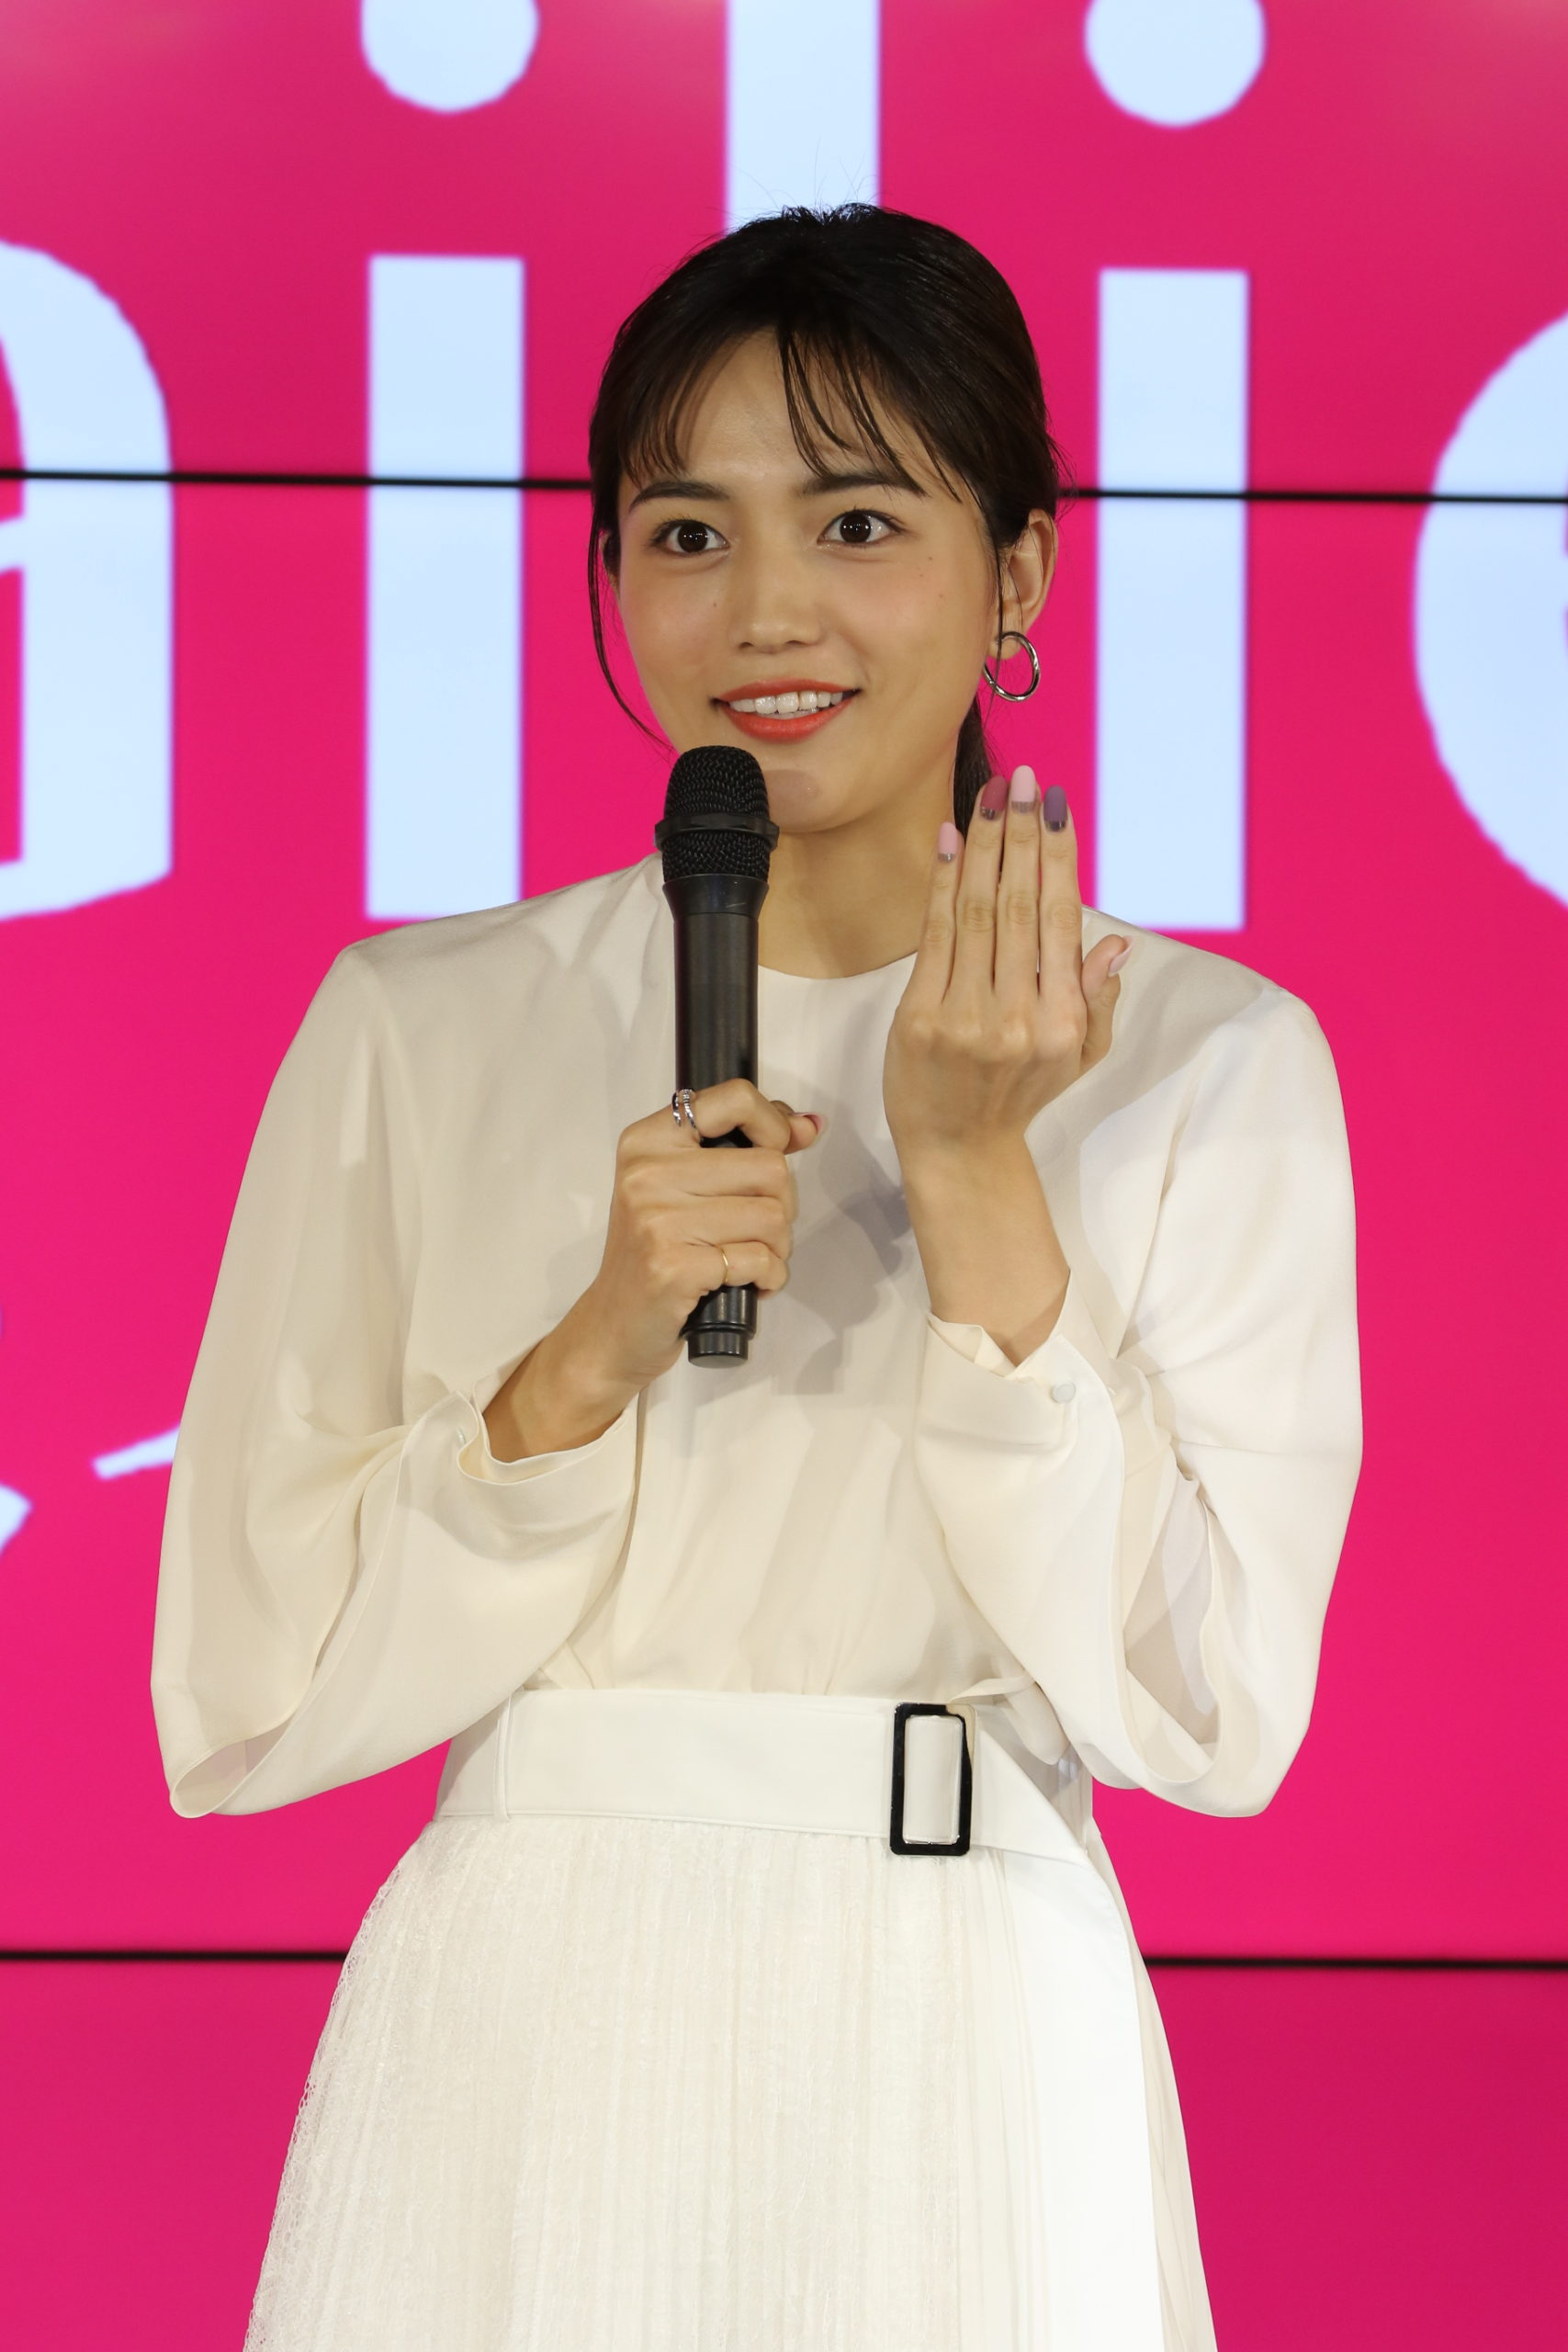 川口春奈/2020年1月29日、東京都内で開催された、「Nailie(ネイリー)」新CM発表会にて